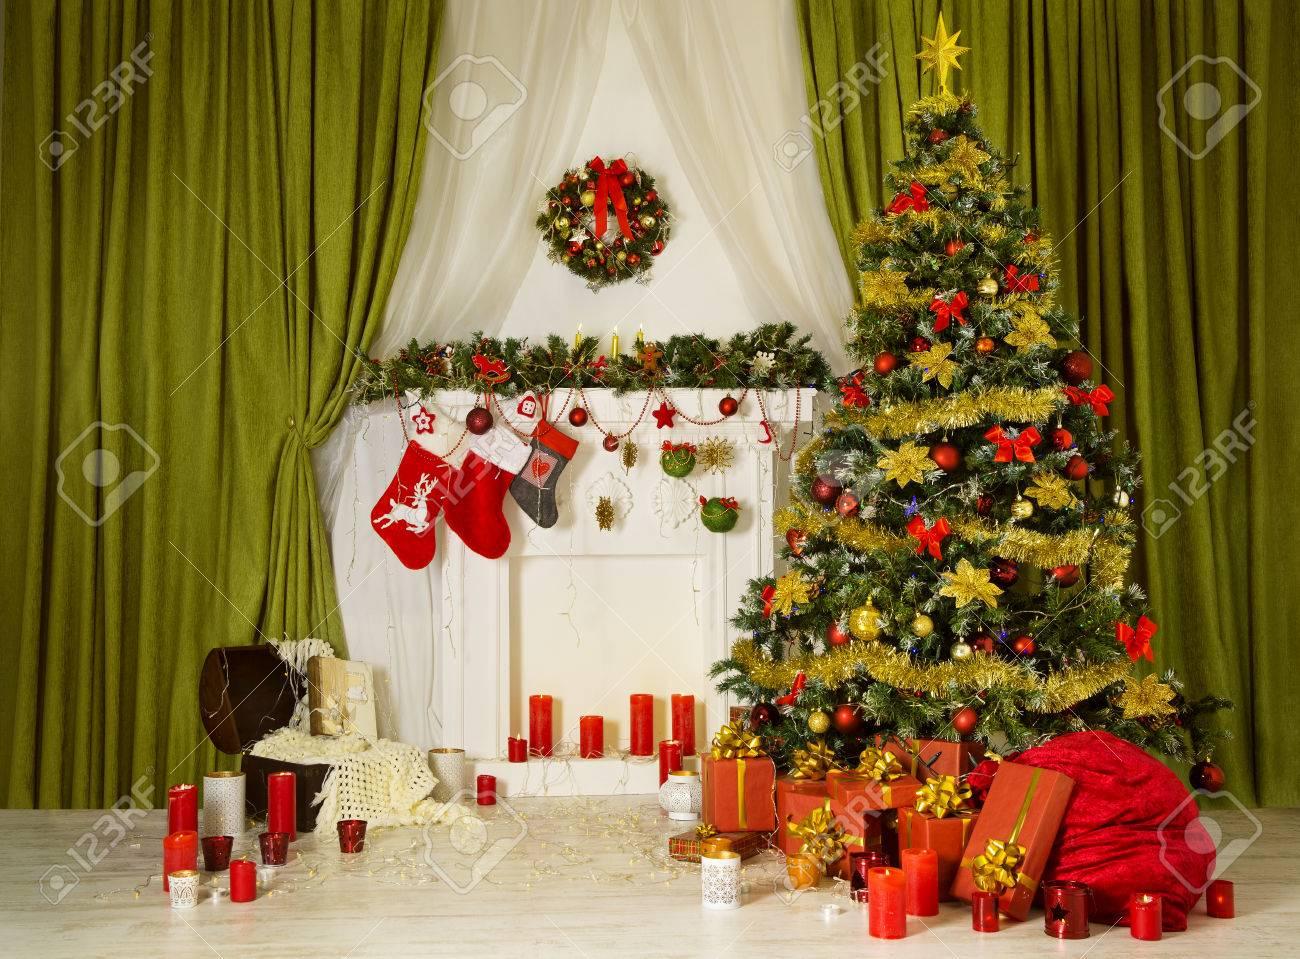 Weihnachten Room Weihnachtsbaum, Dekoriert Home Interior, Hängen ...